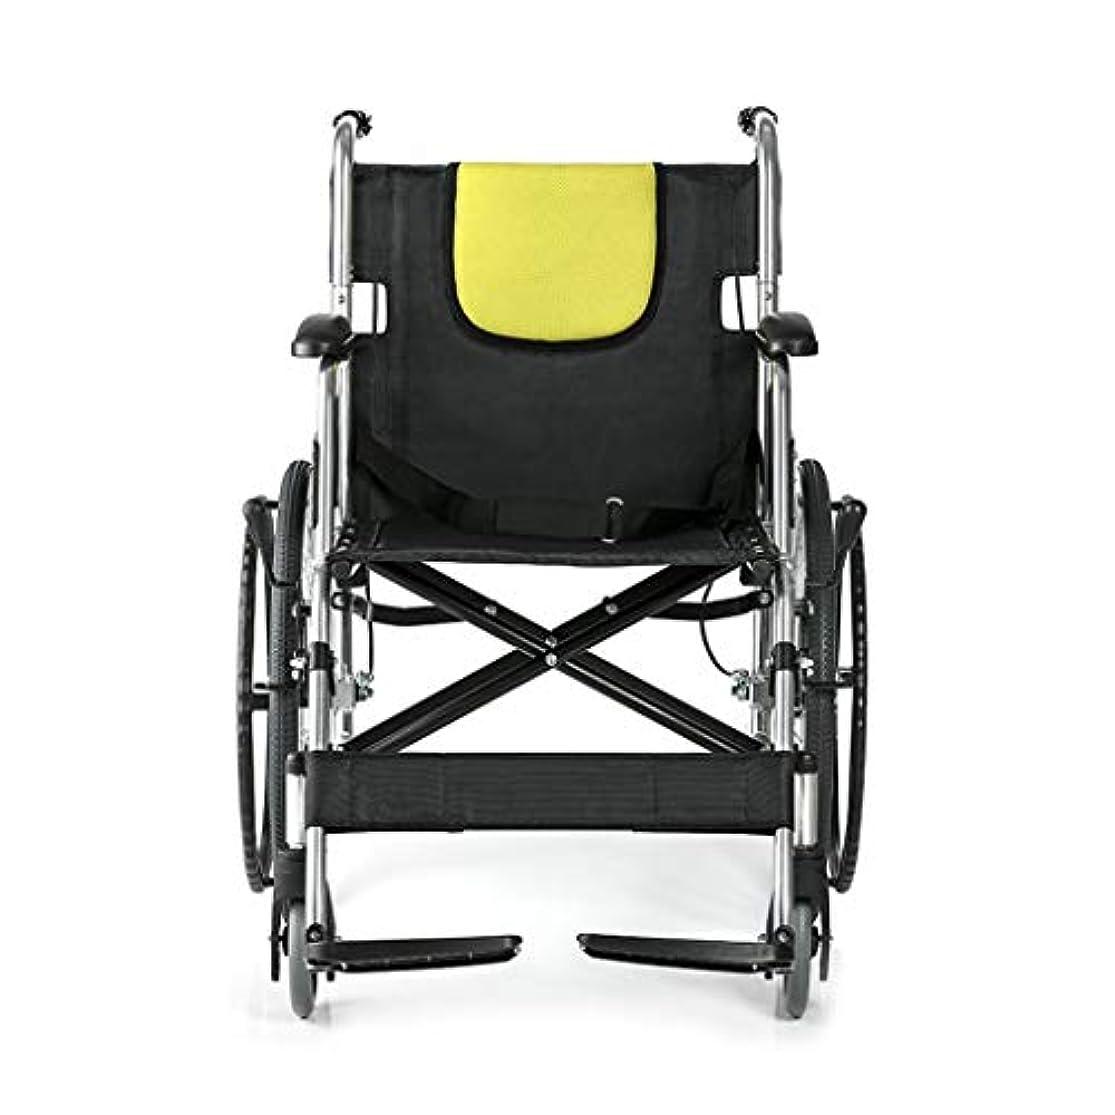 ゴネリル幼児ジョイント車椅子の老人は折り畳むことができ、障害者、高齢者、リハビリテーション患者向けの車椅子用に4つのブレーキが設計されています